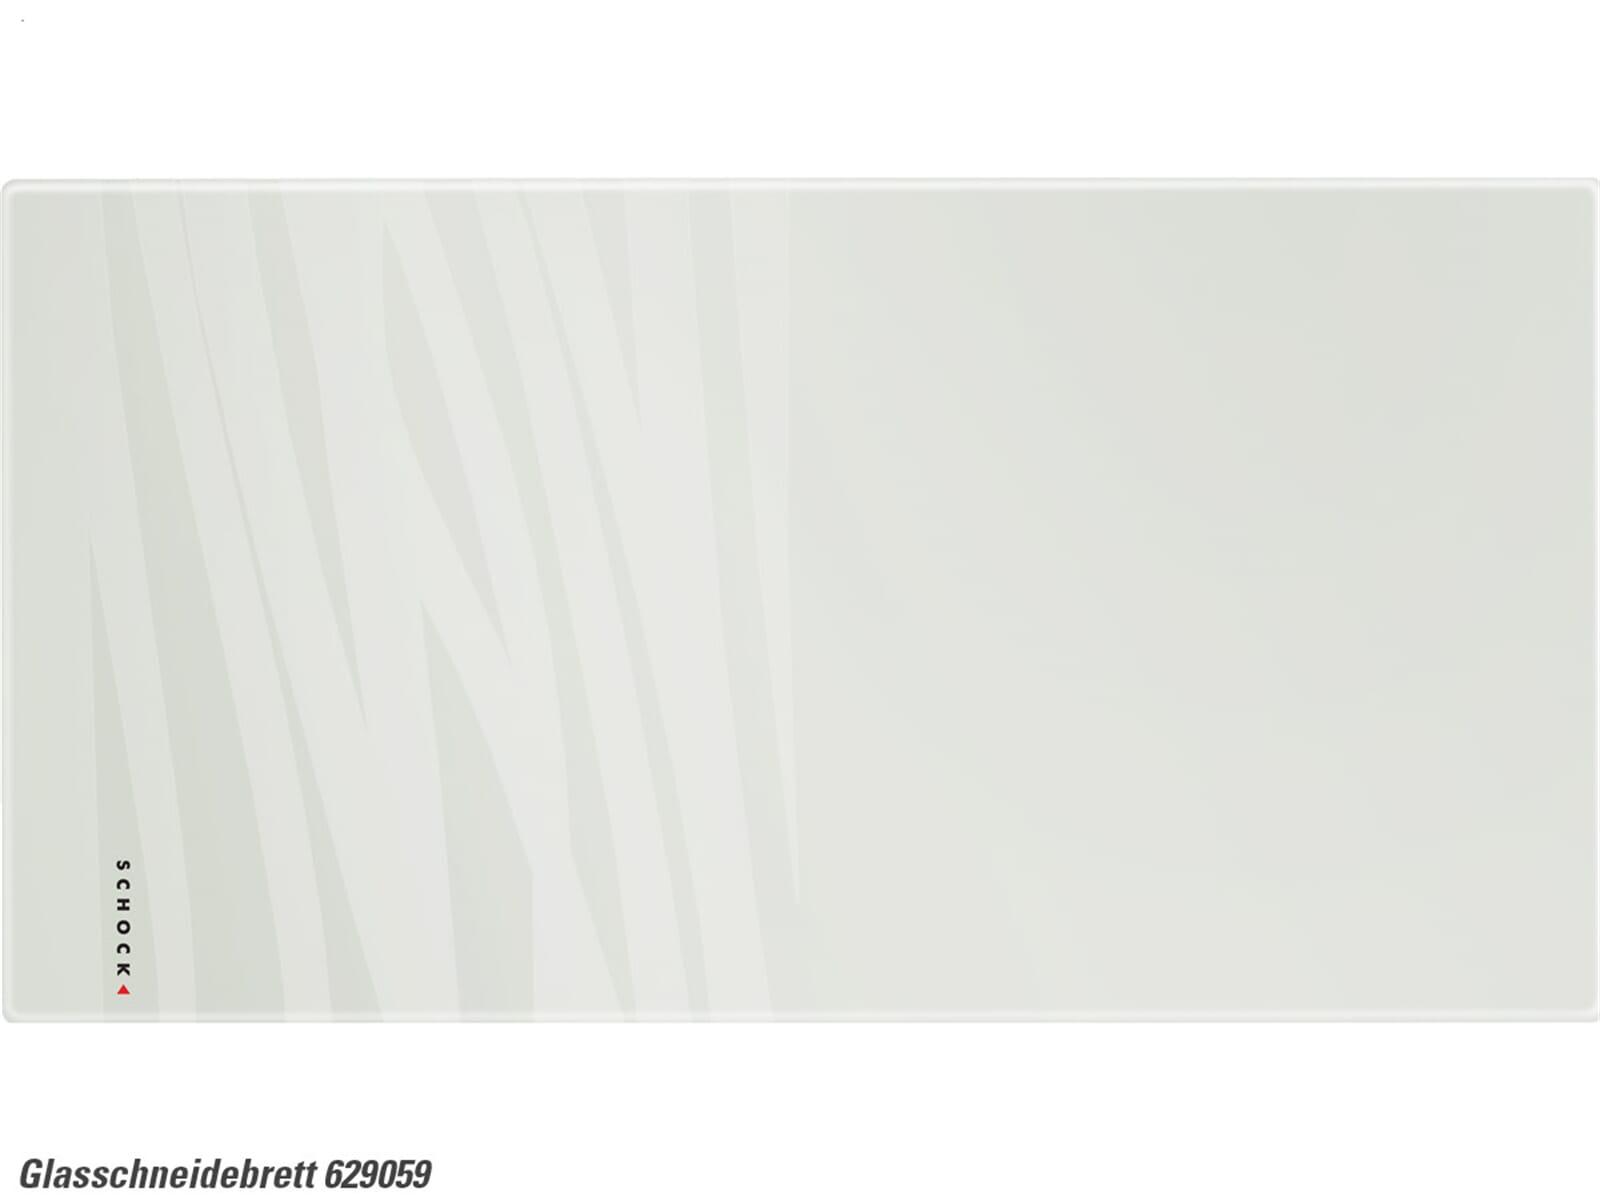 Produktbild von Schock 629059 Glasschneidebrett weiß